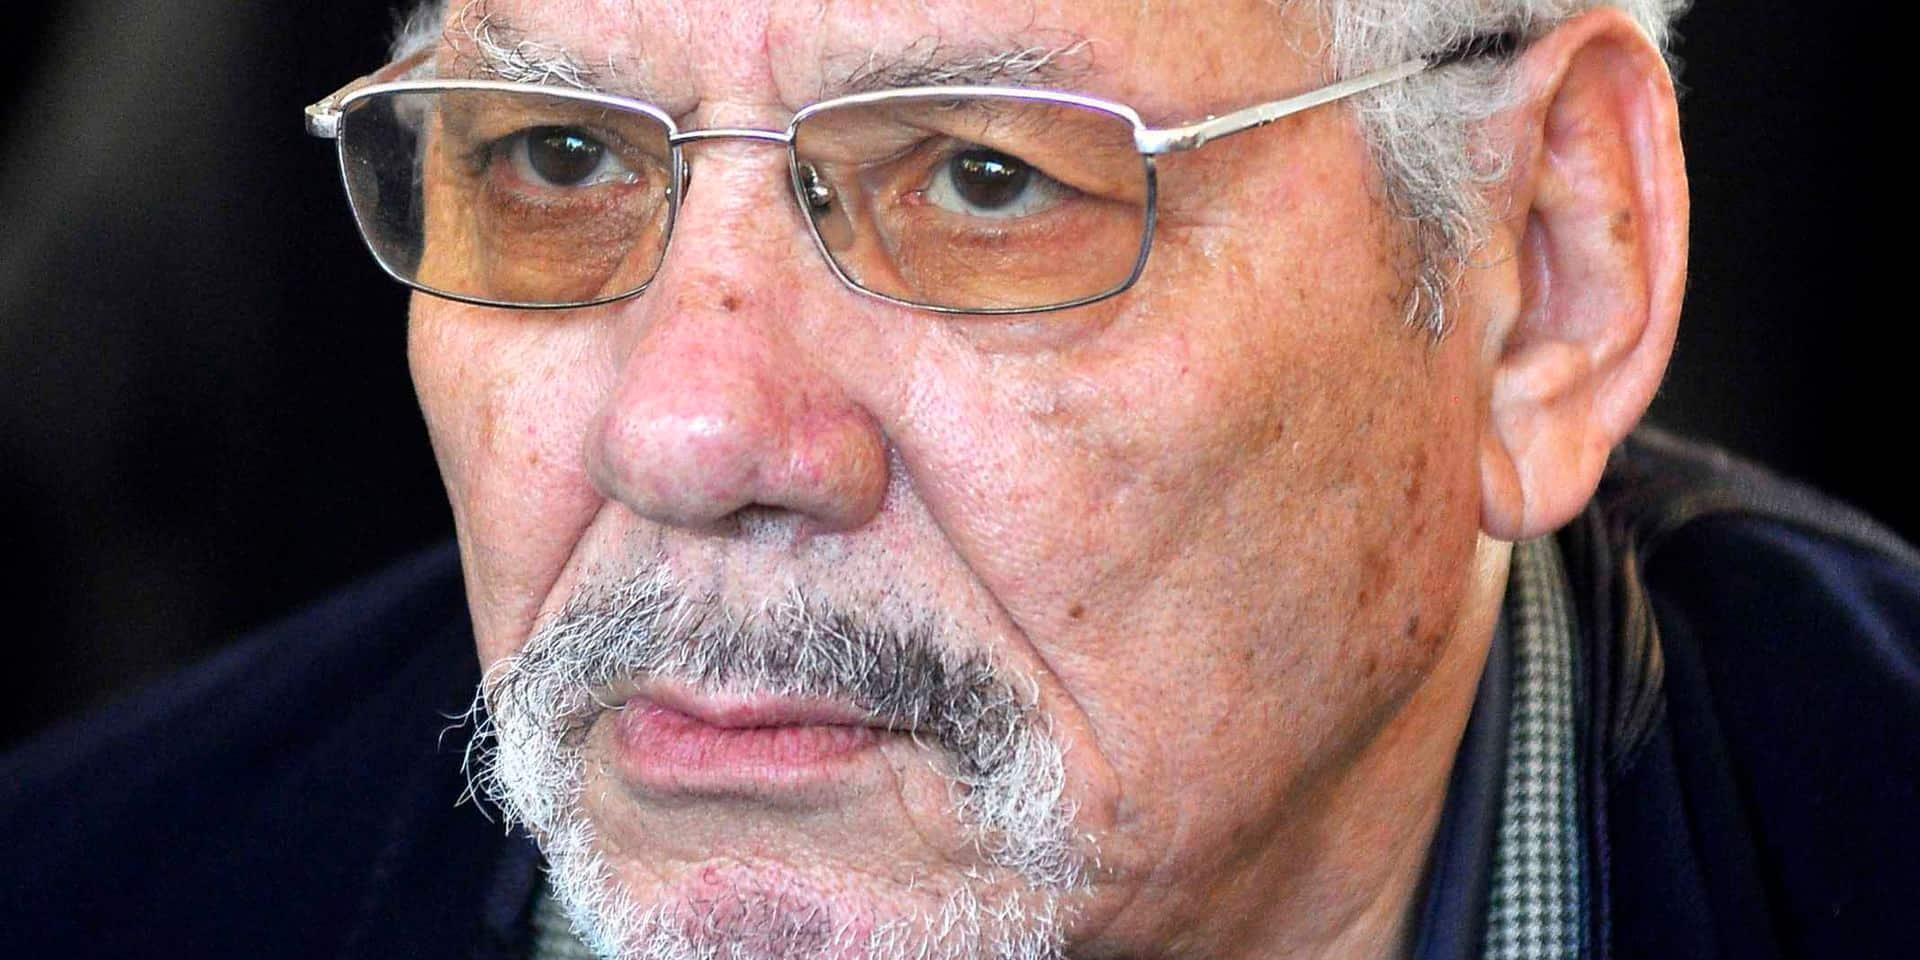 Algérie: mandat d'arrêt international contre le général Nezzar, ex-chef de l'armée